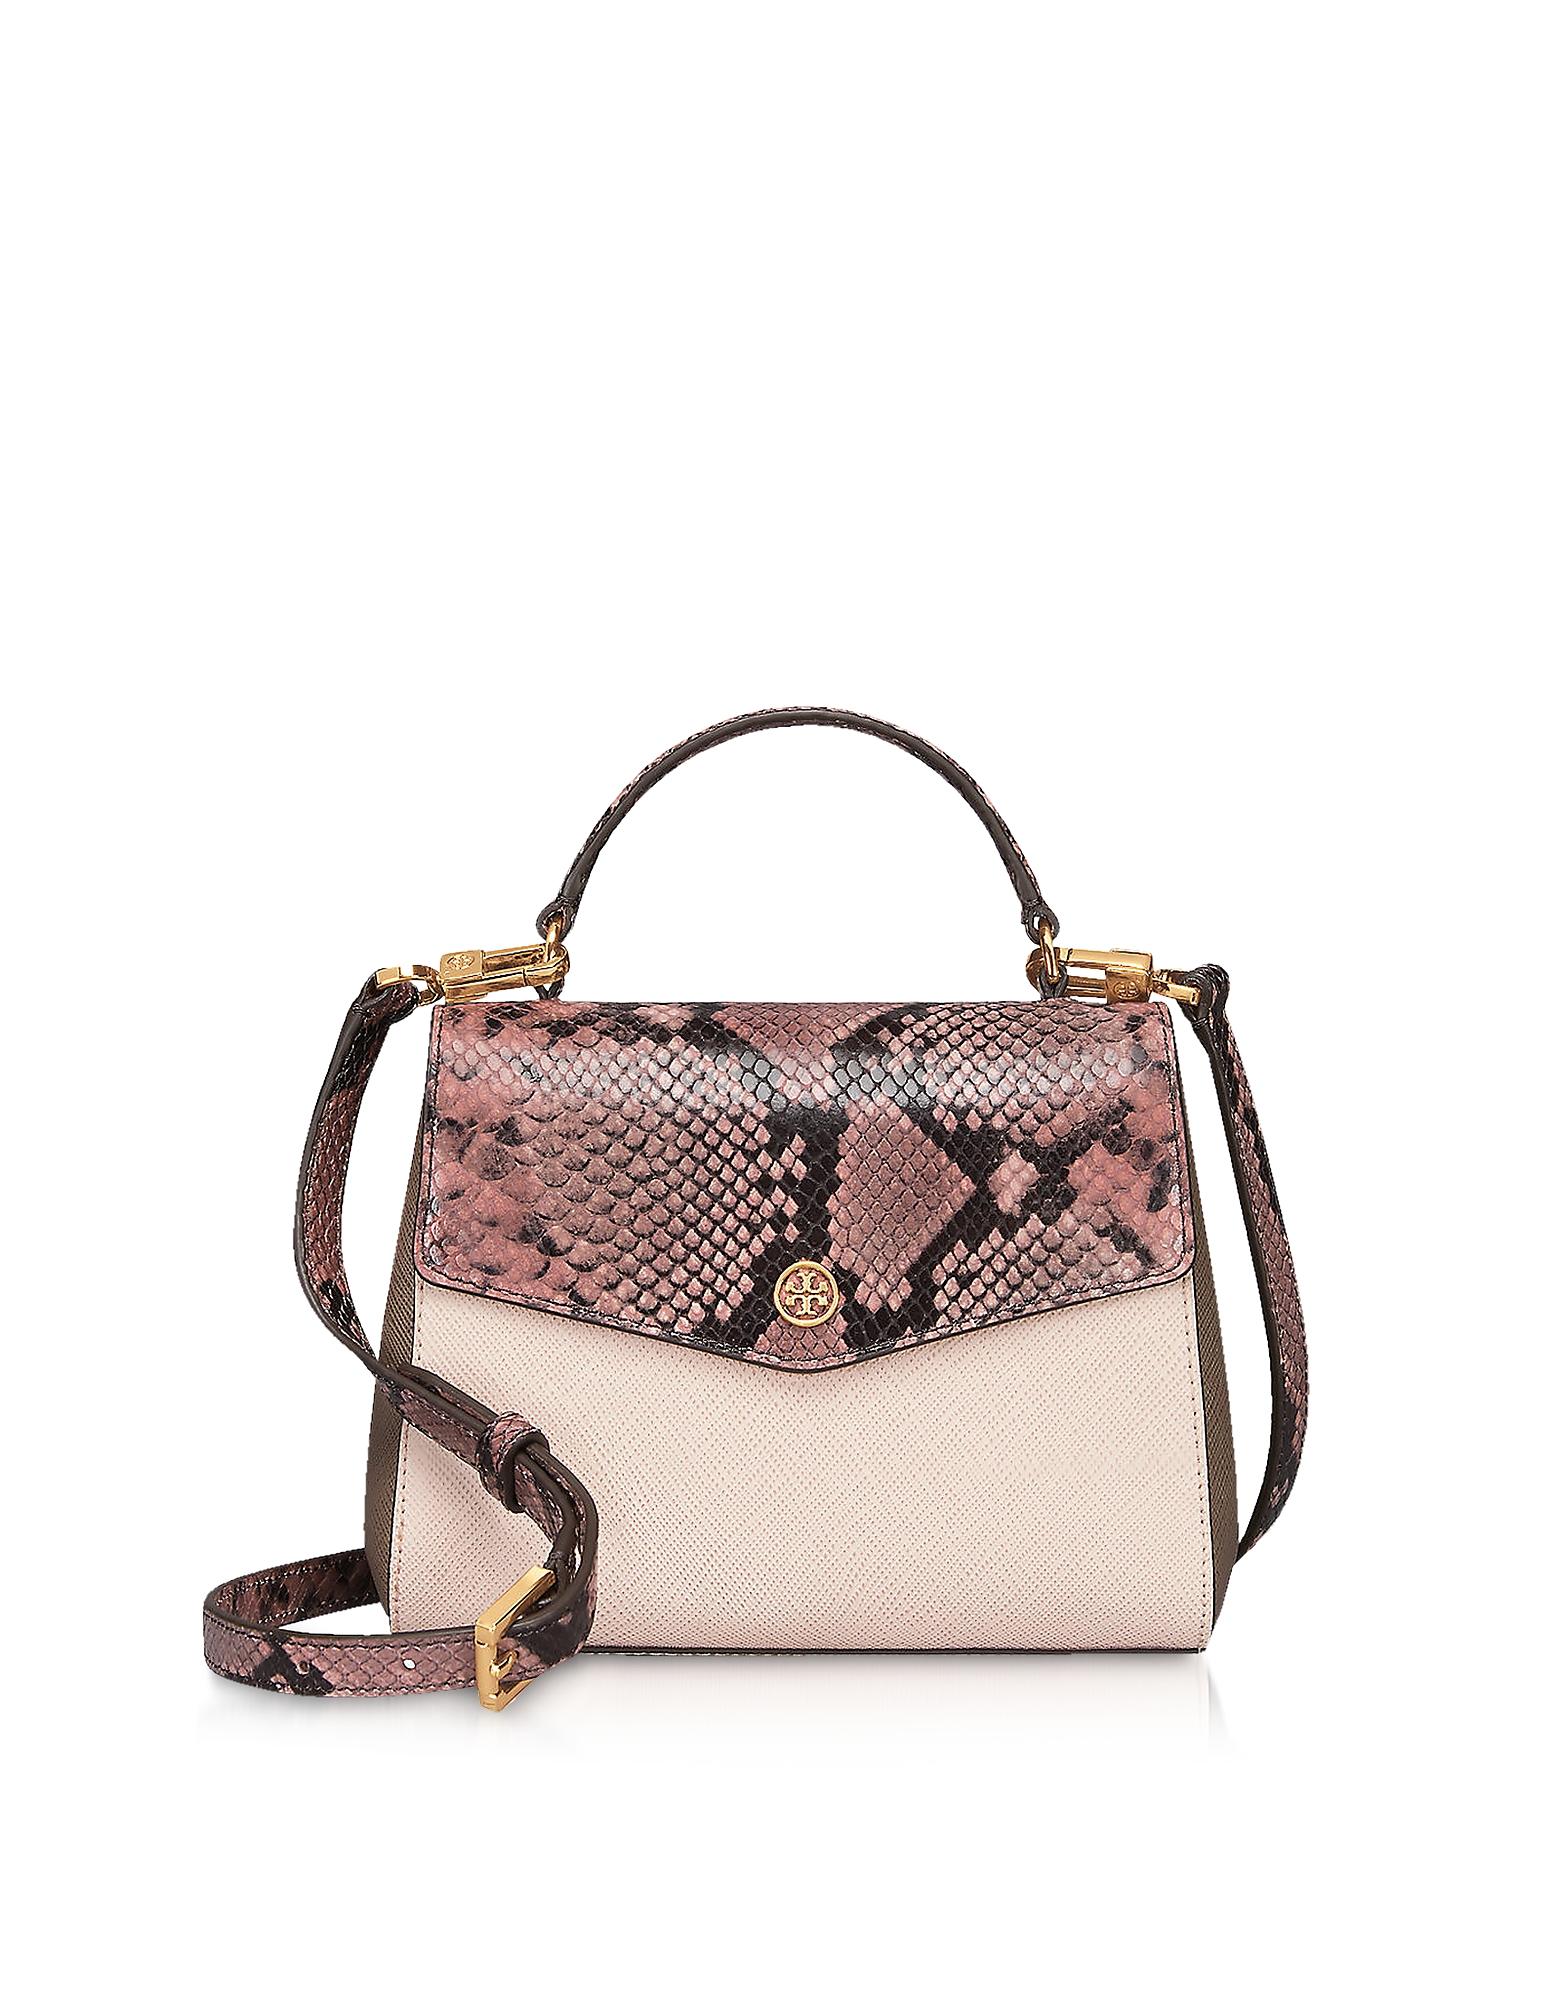 Animal Printed Leather Robinson Small Top-Handle Satchel Bag